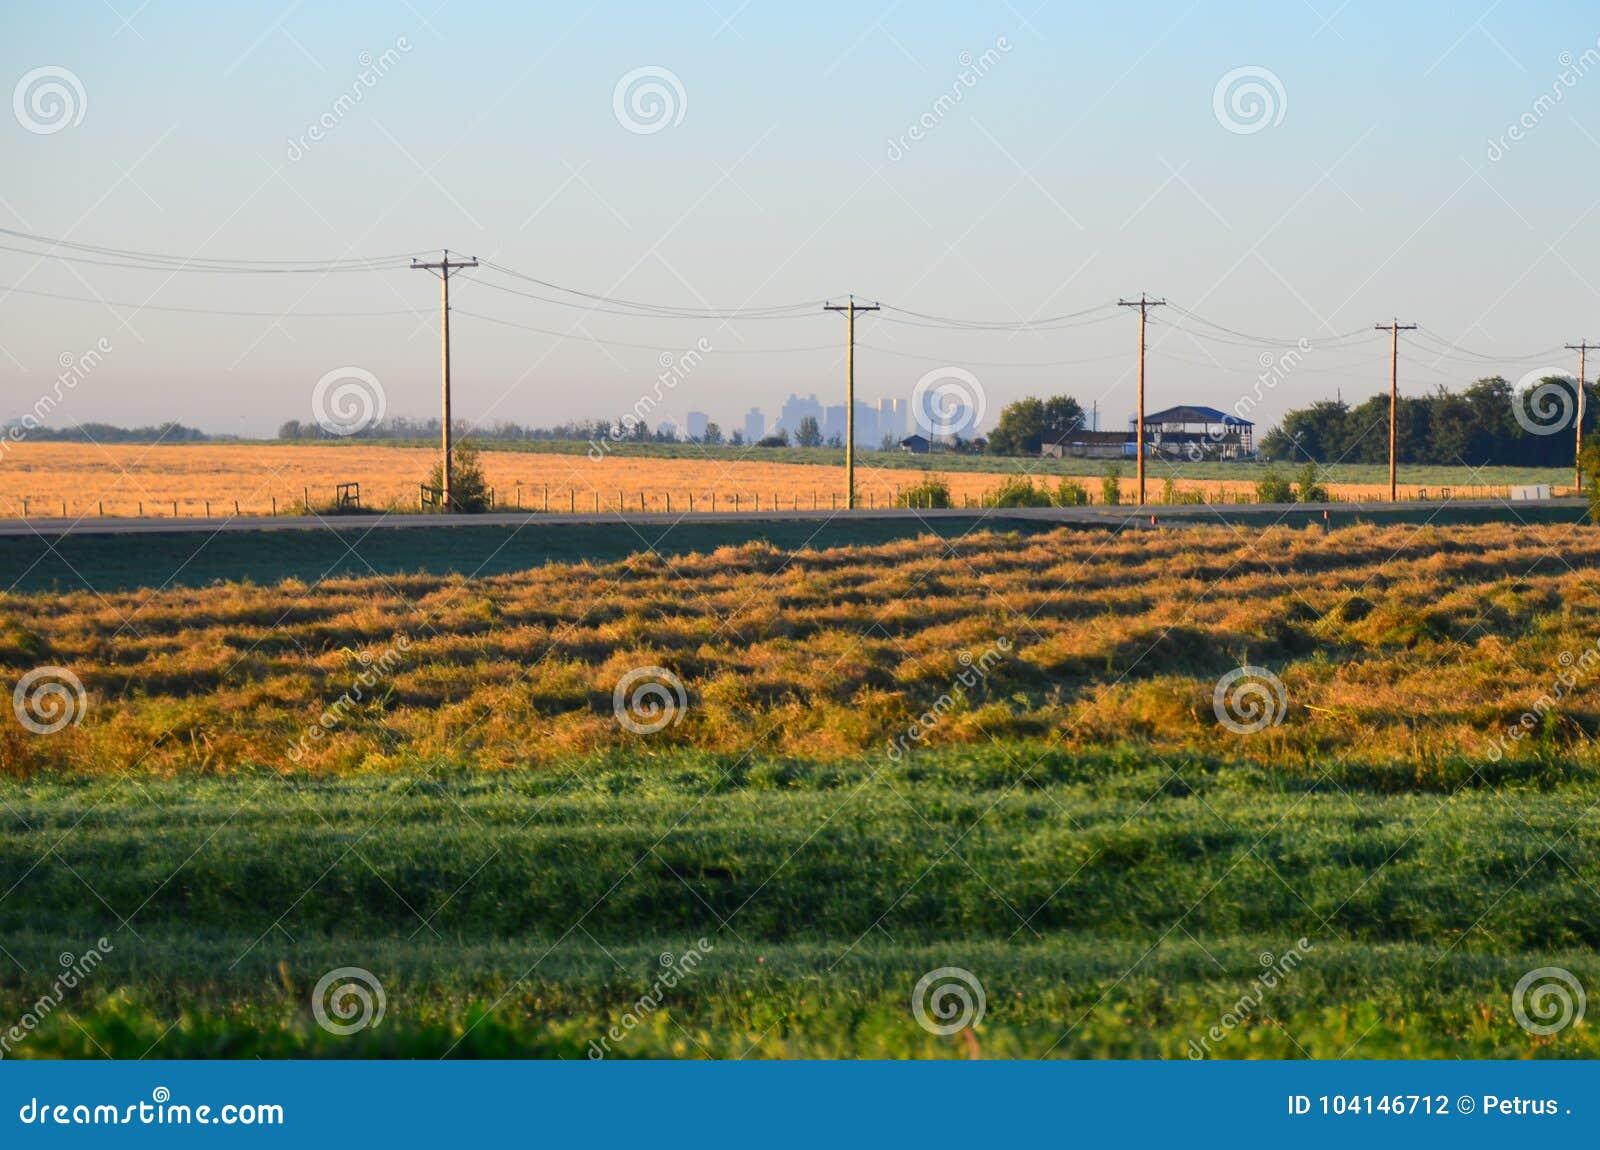 大草原粮田,埃德蒙顿,亚伯大,加拿大